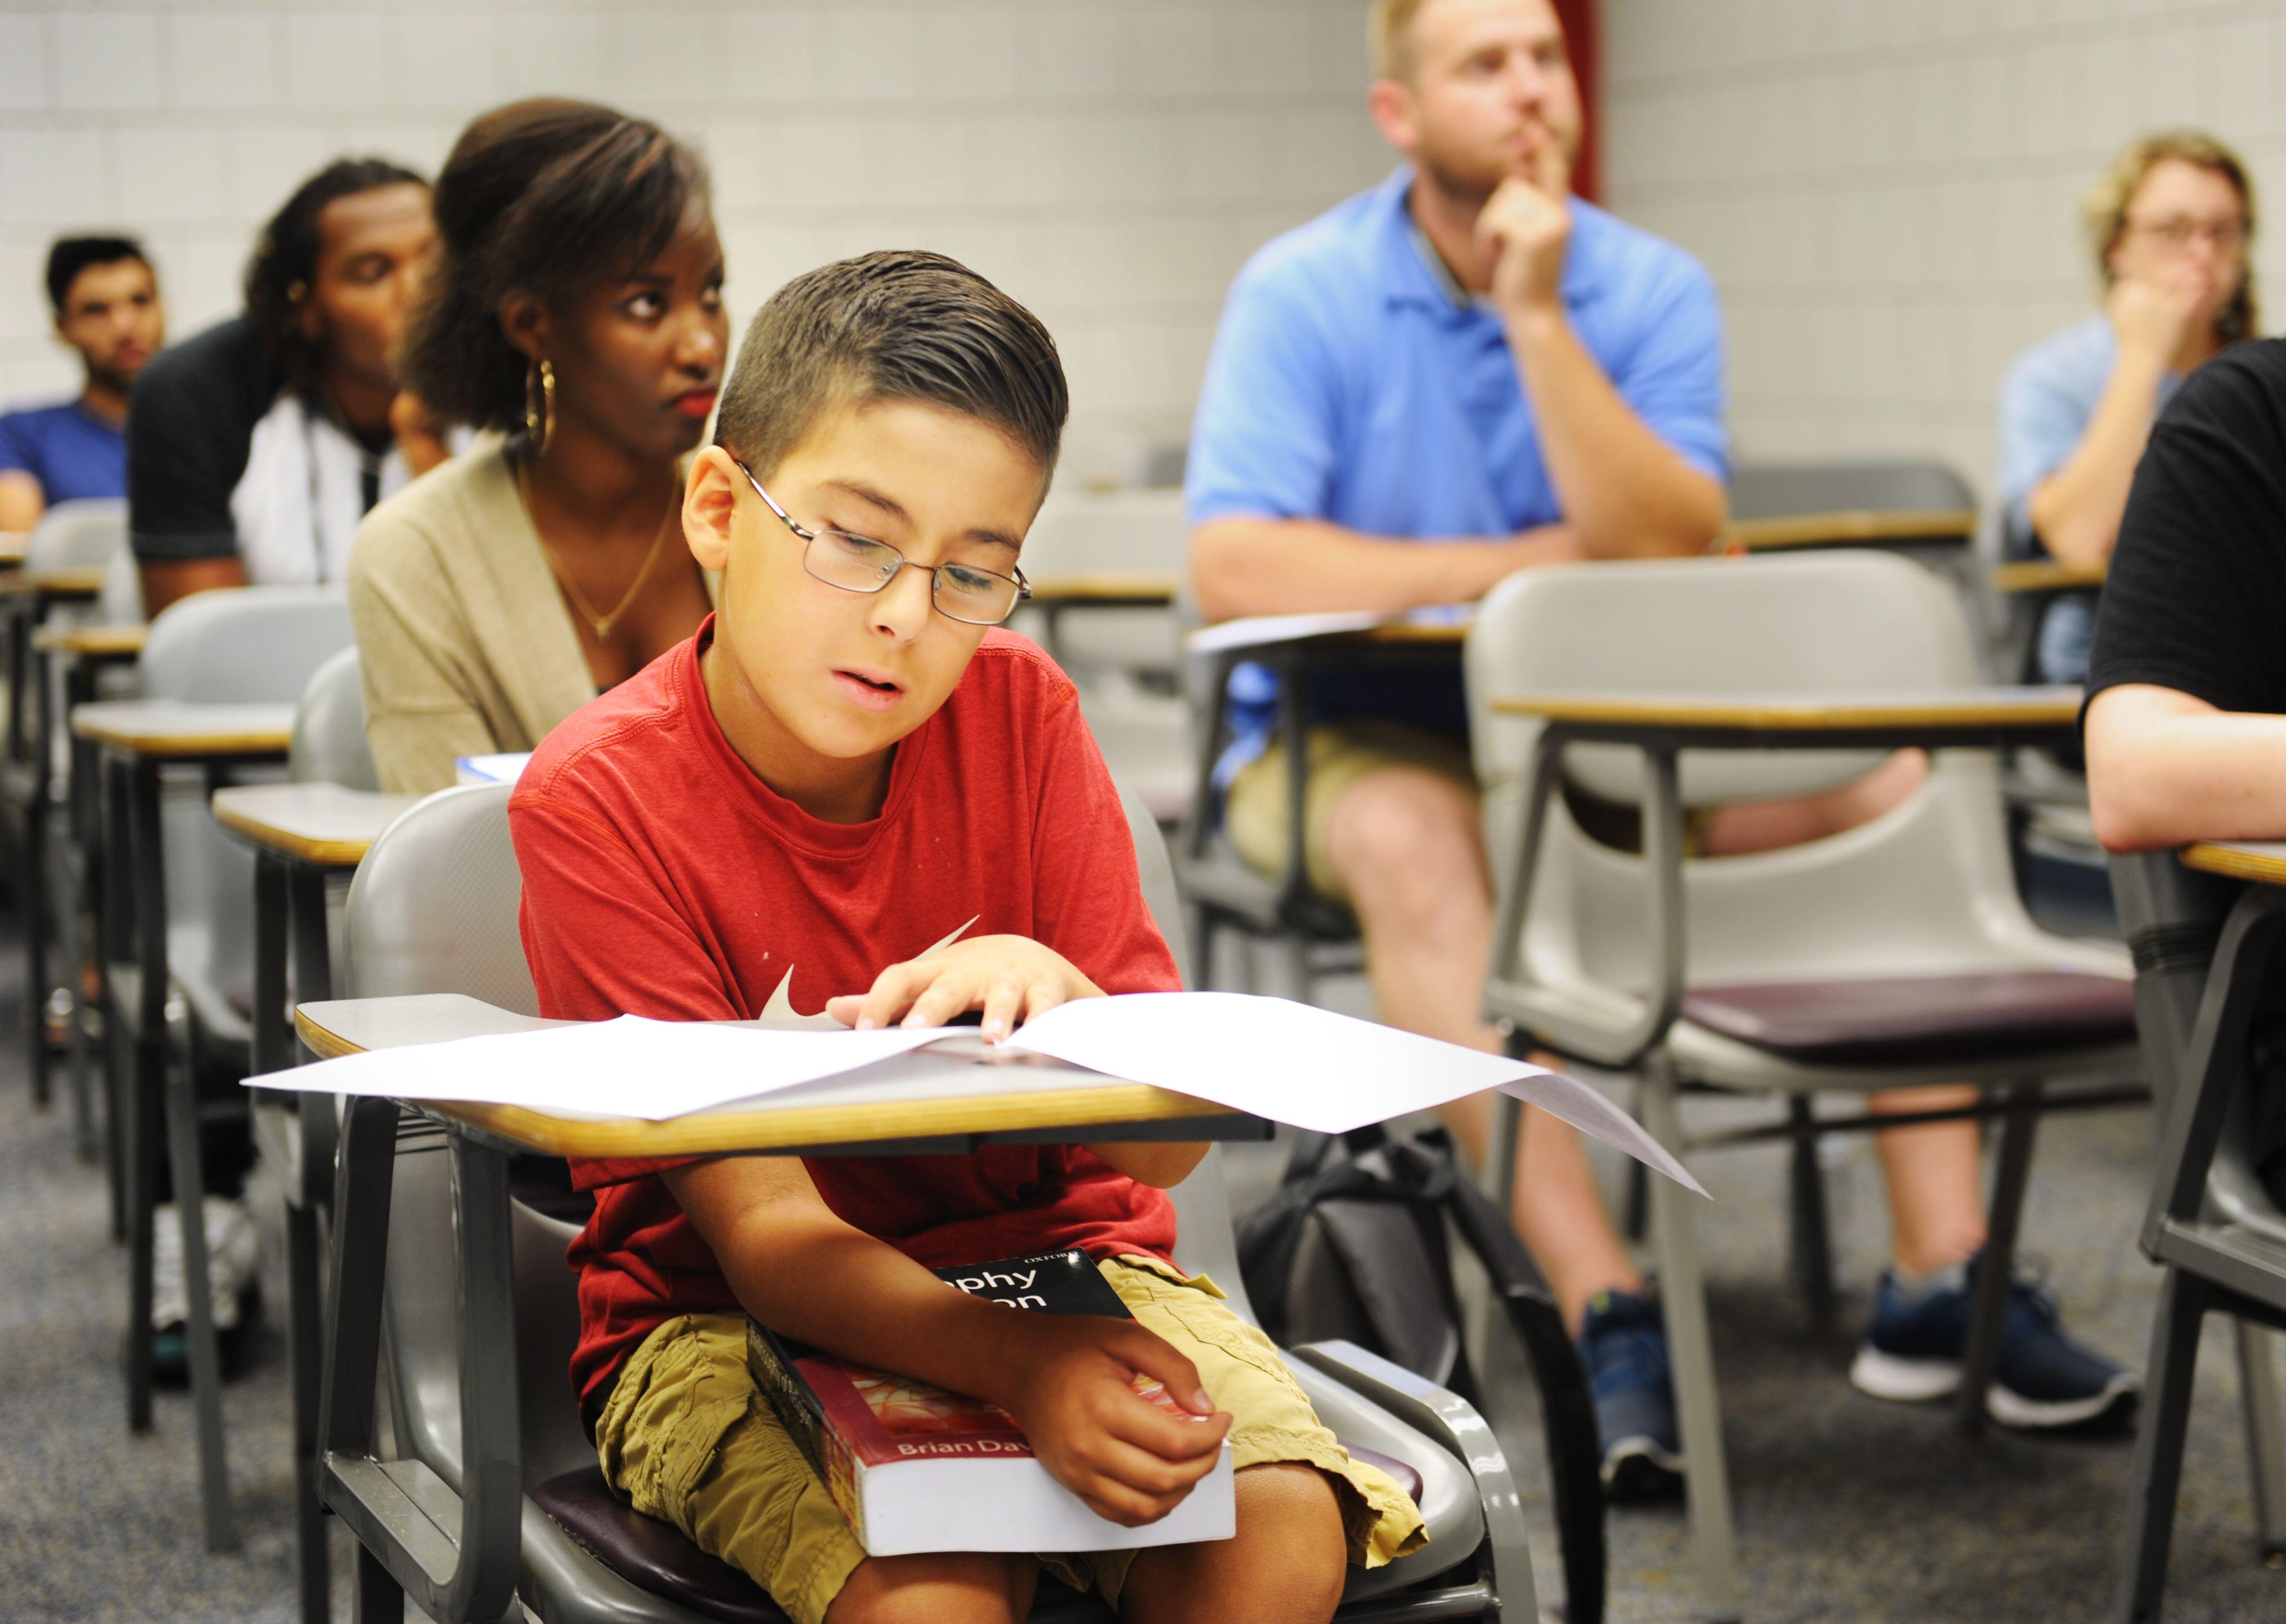 (Ảnh: Nate Guidry/Post-Gazette.com) Thiên tài 9 tuổi